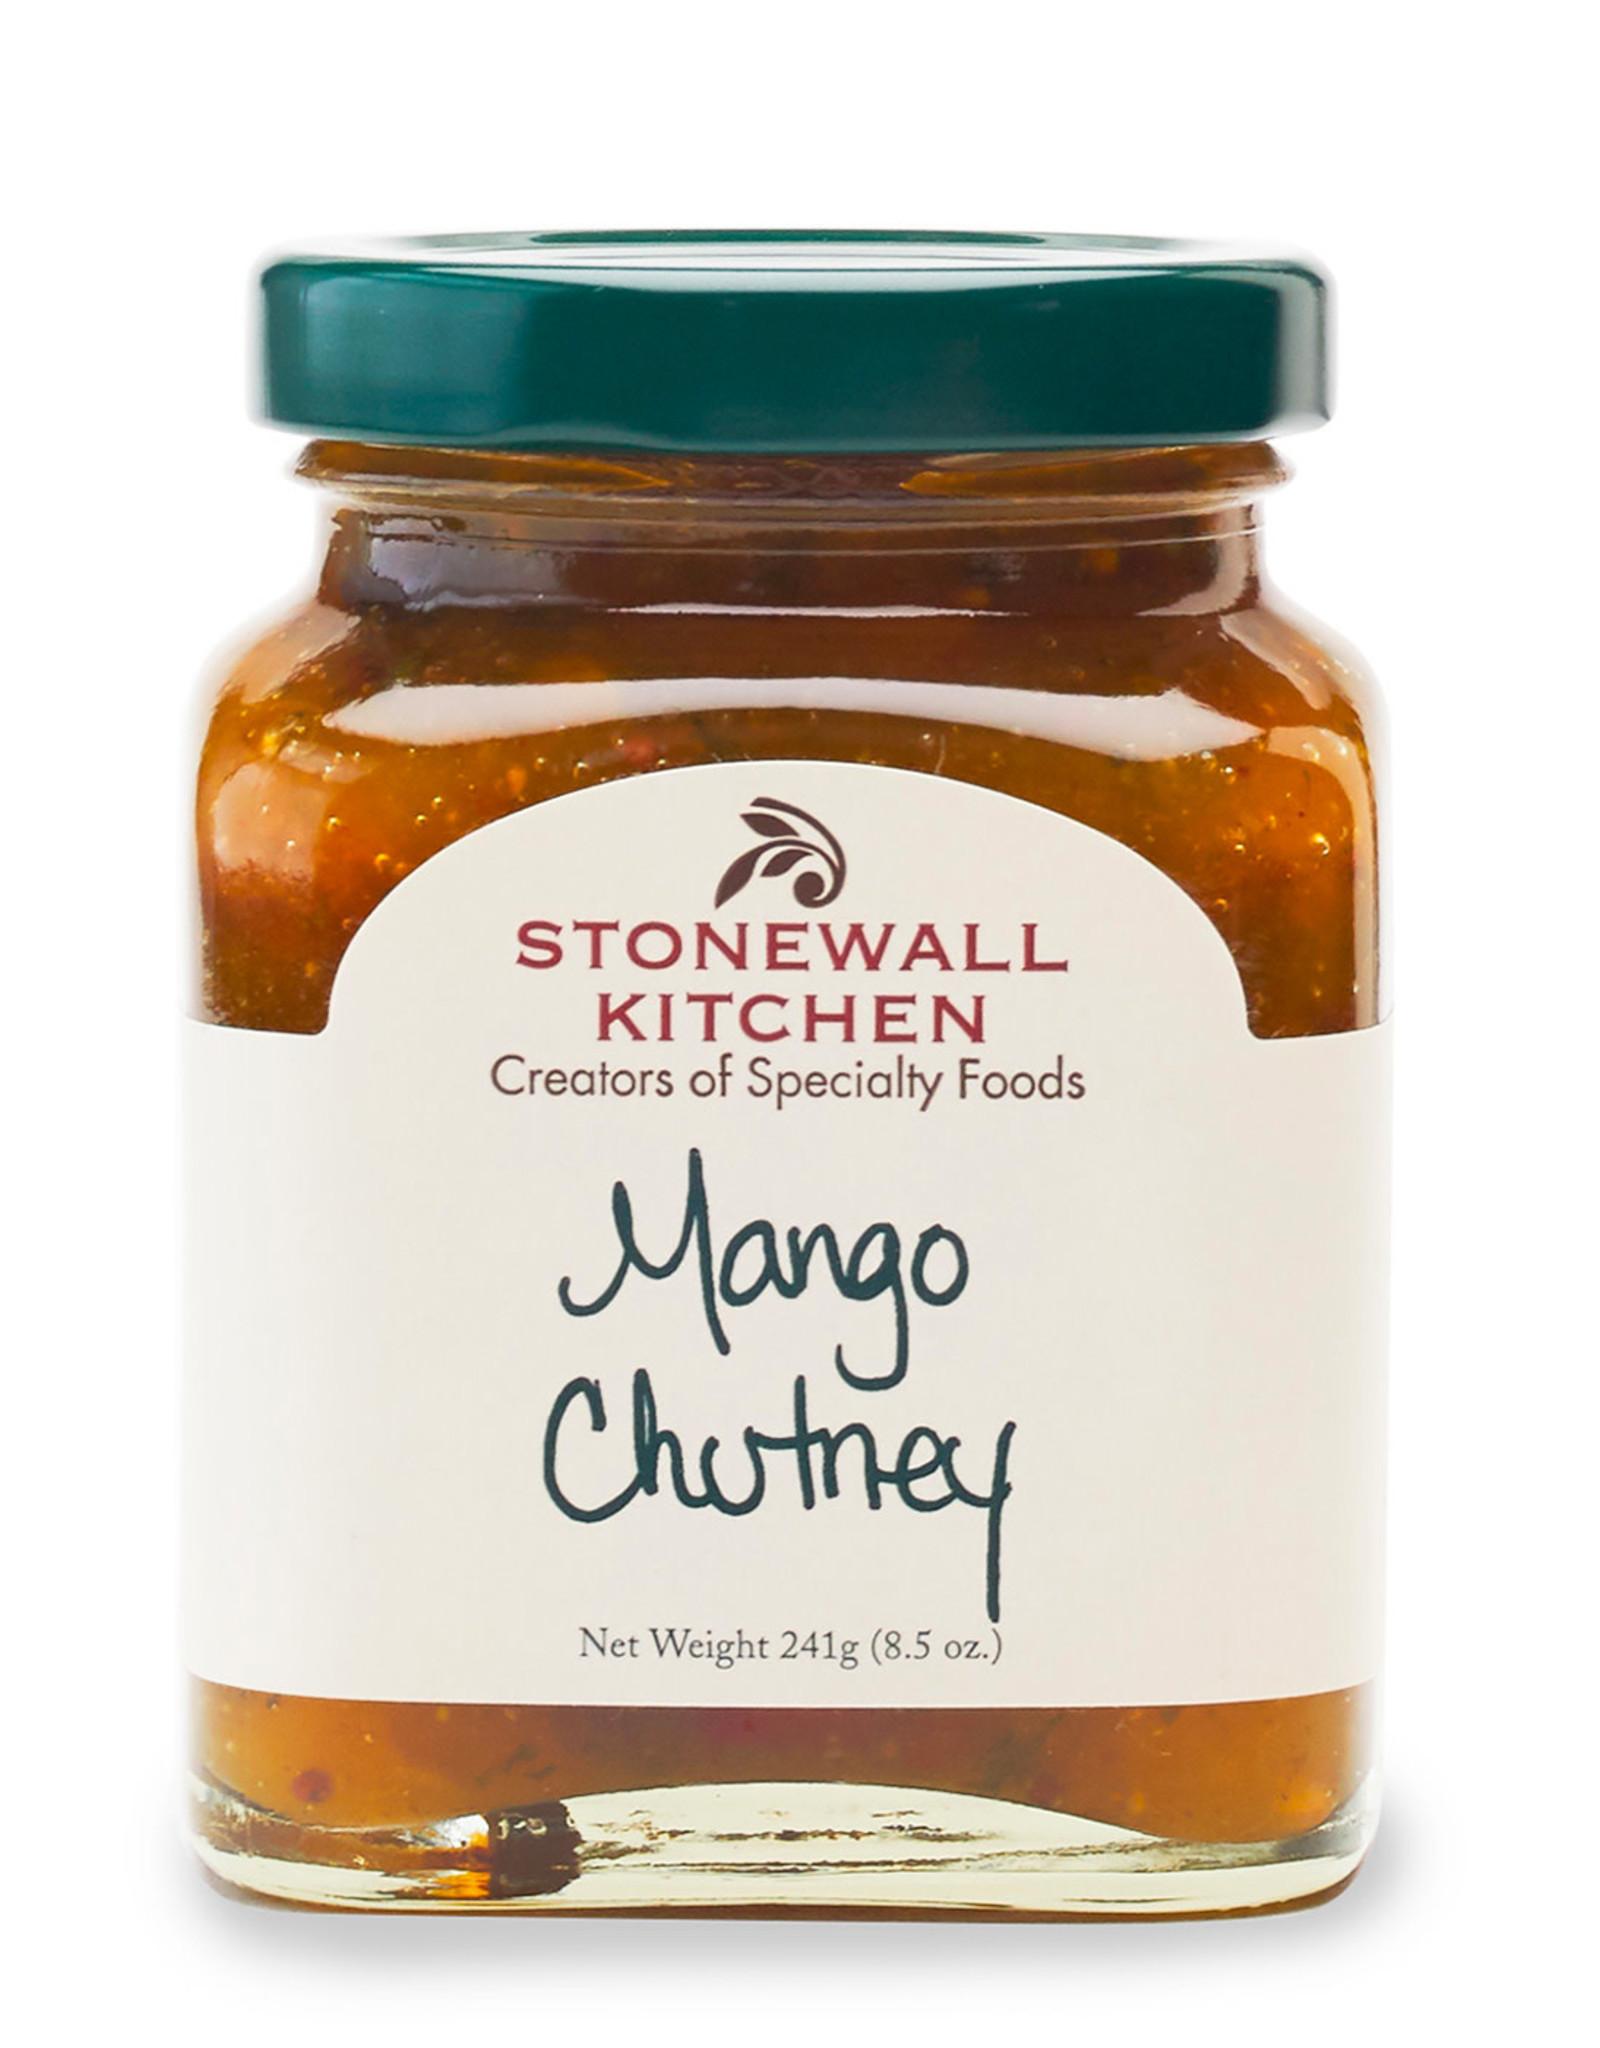 Stonewall Kitchen Mango Chutney